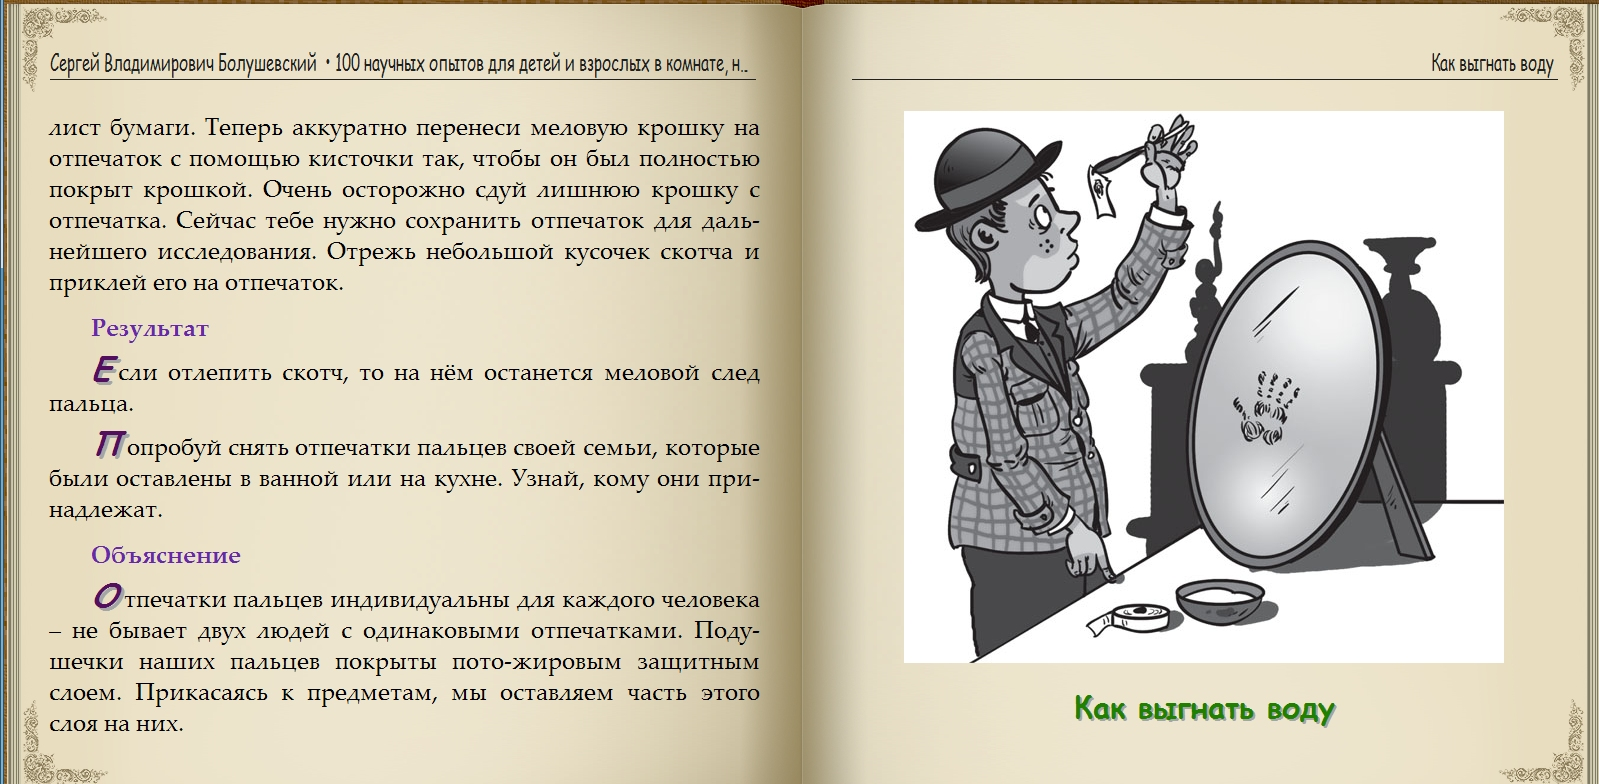 Логические флеш игры  logical flash games   Сборник